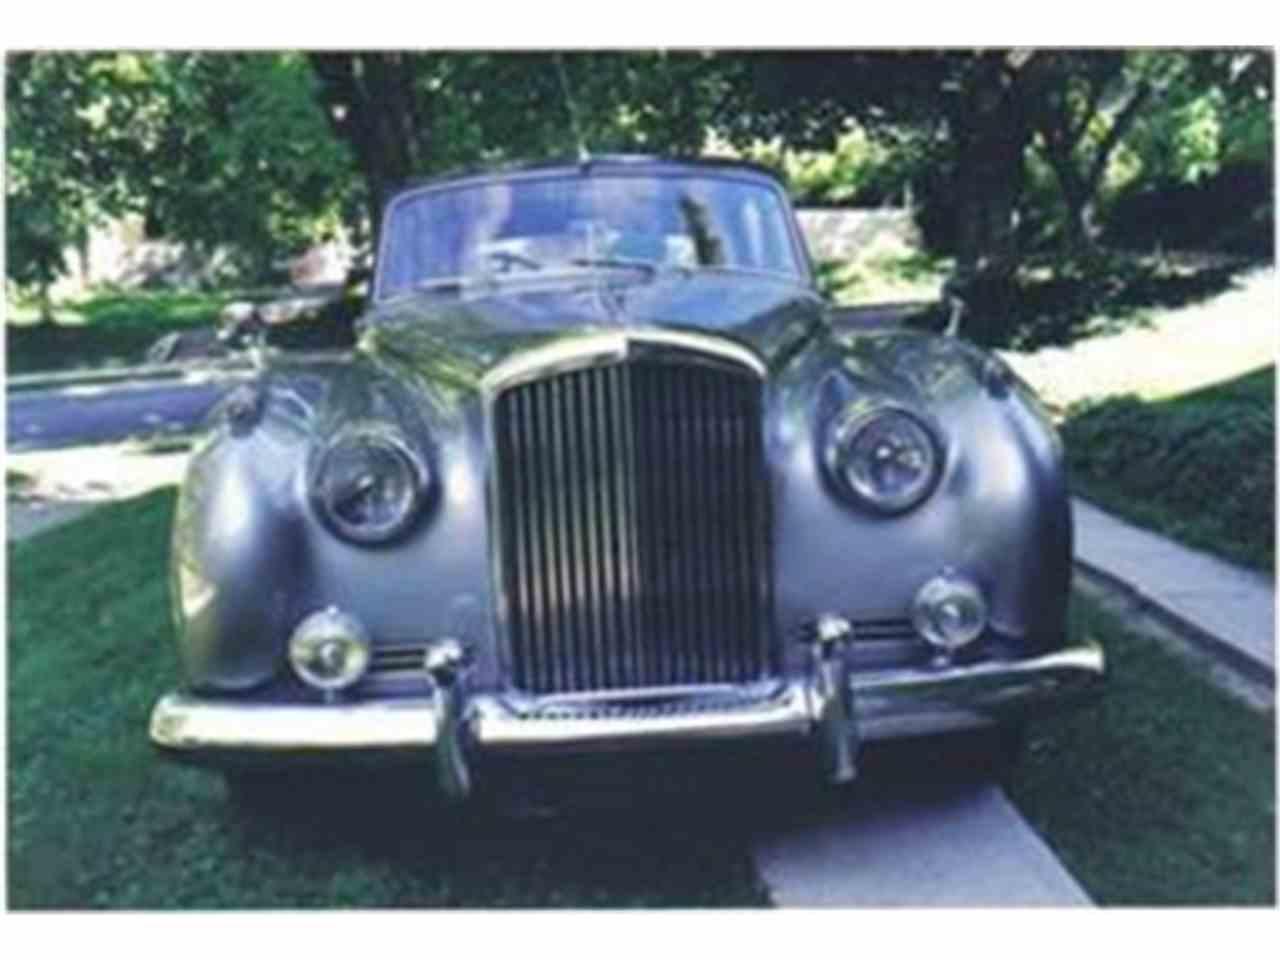 1957 bentley s1 for sale cc 503918. Black Bedroom Furniture Sets. Home Design Ideas